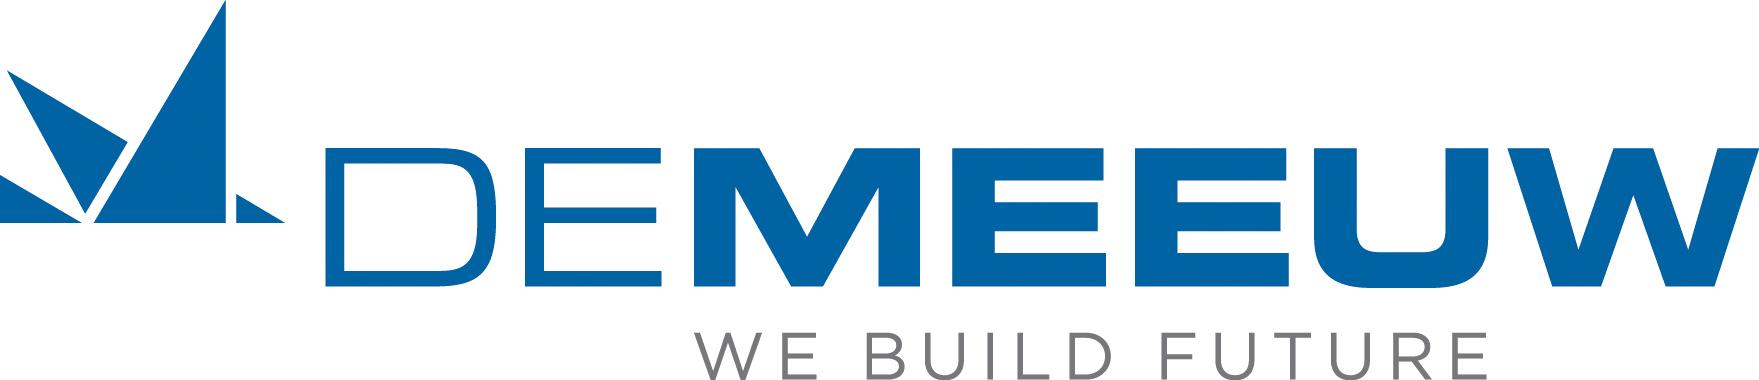 De Meeuw We Build Future logo A RGB 3 0